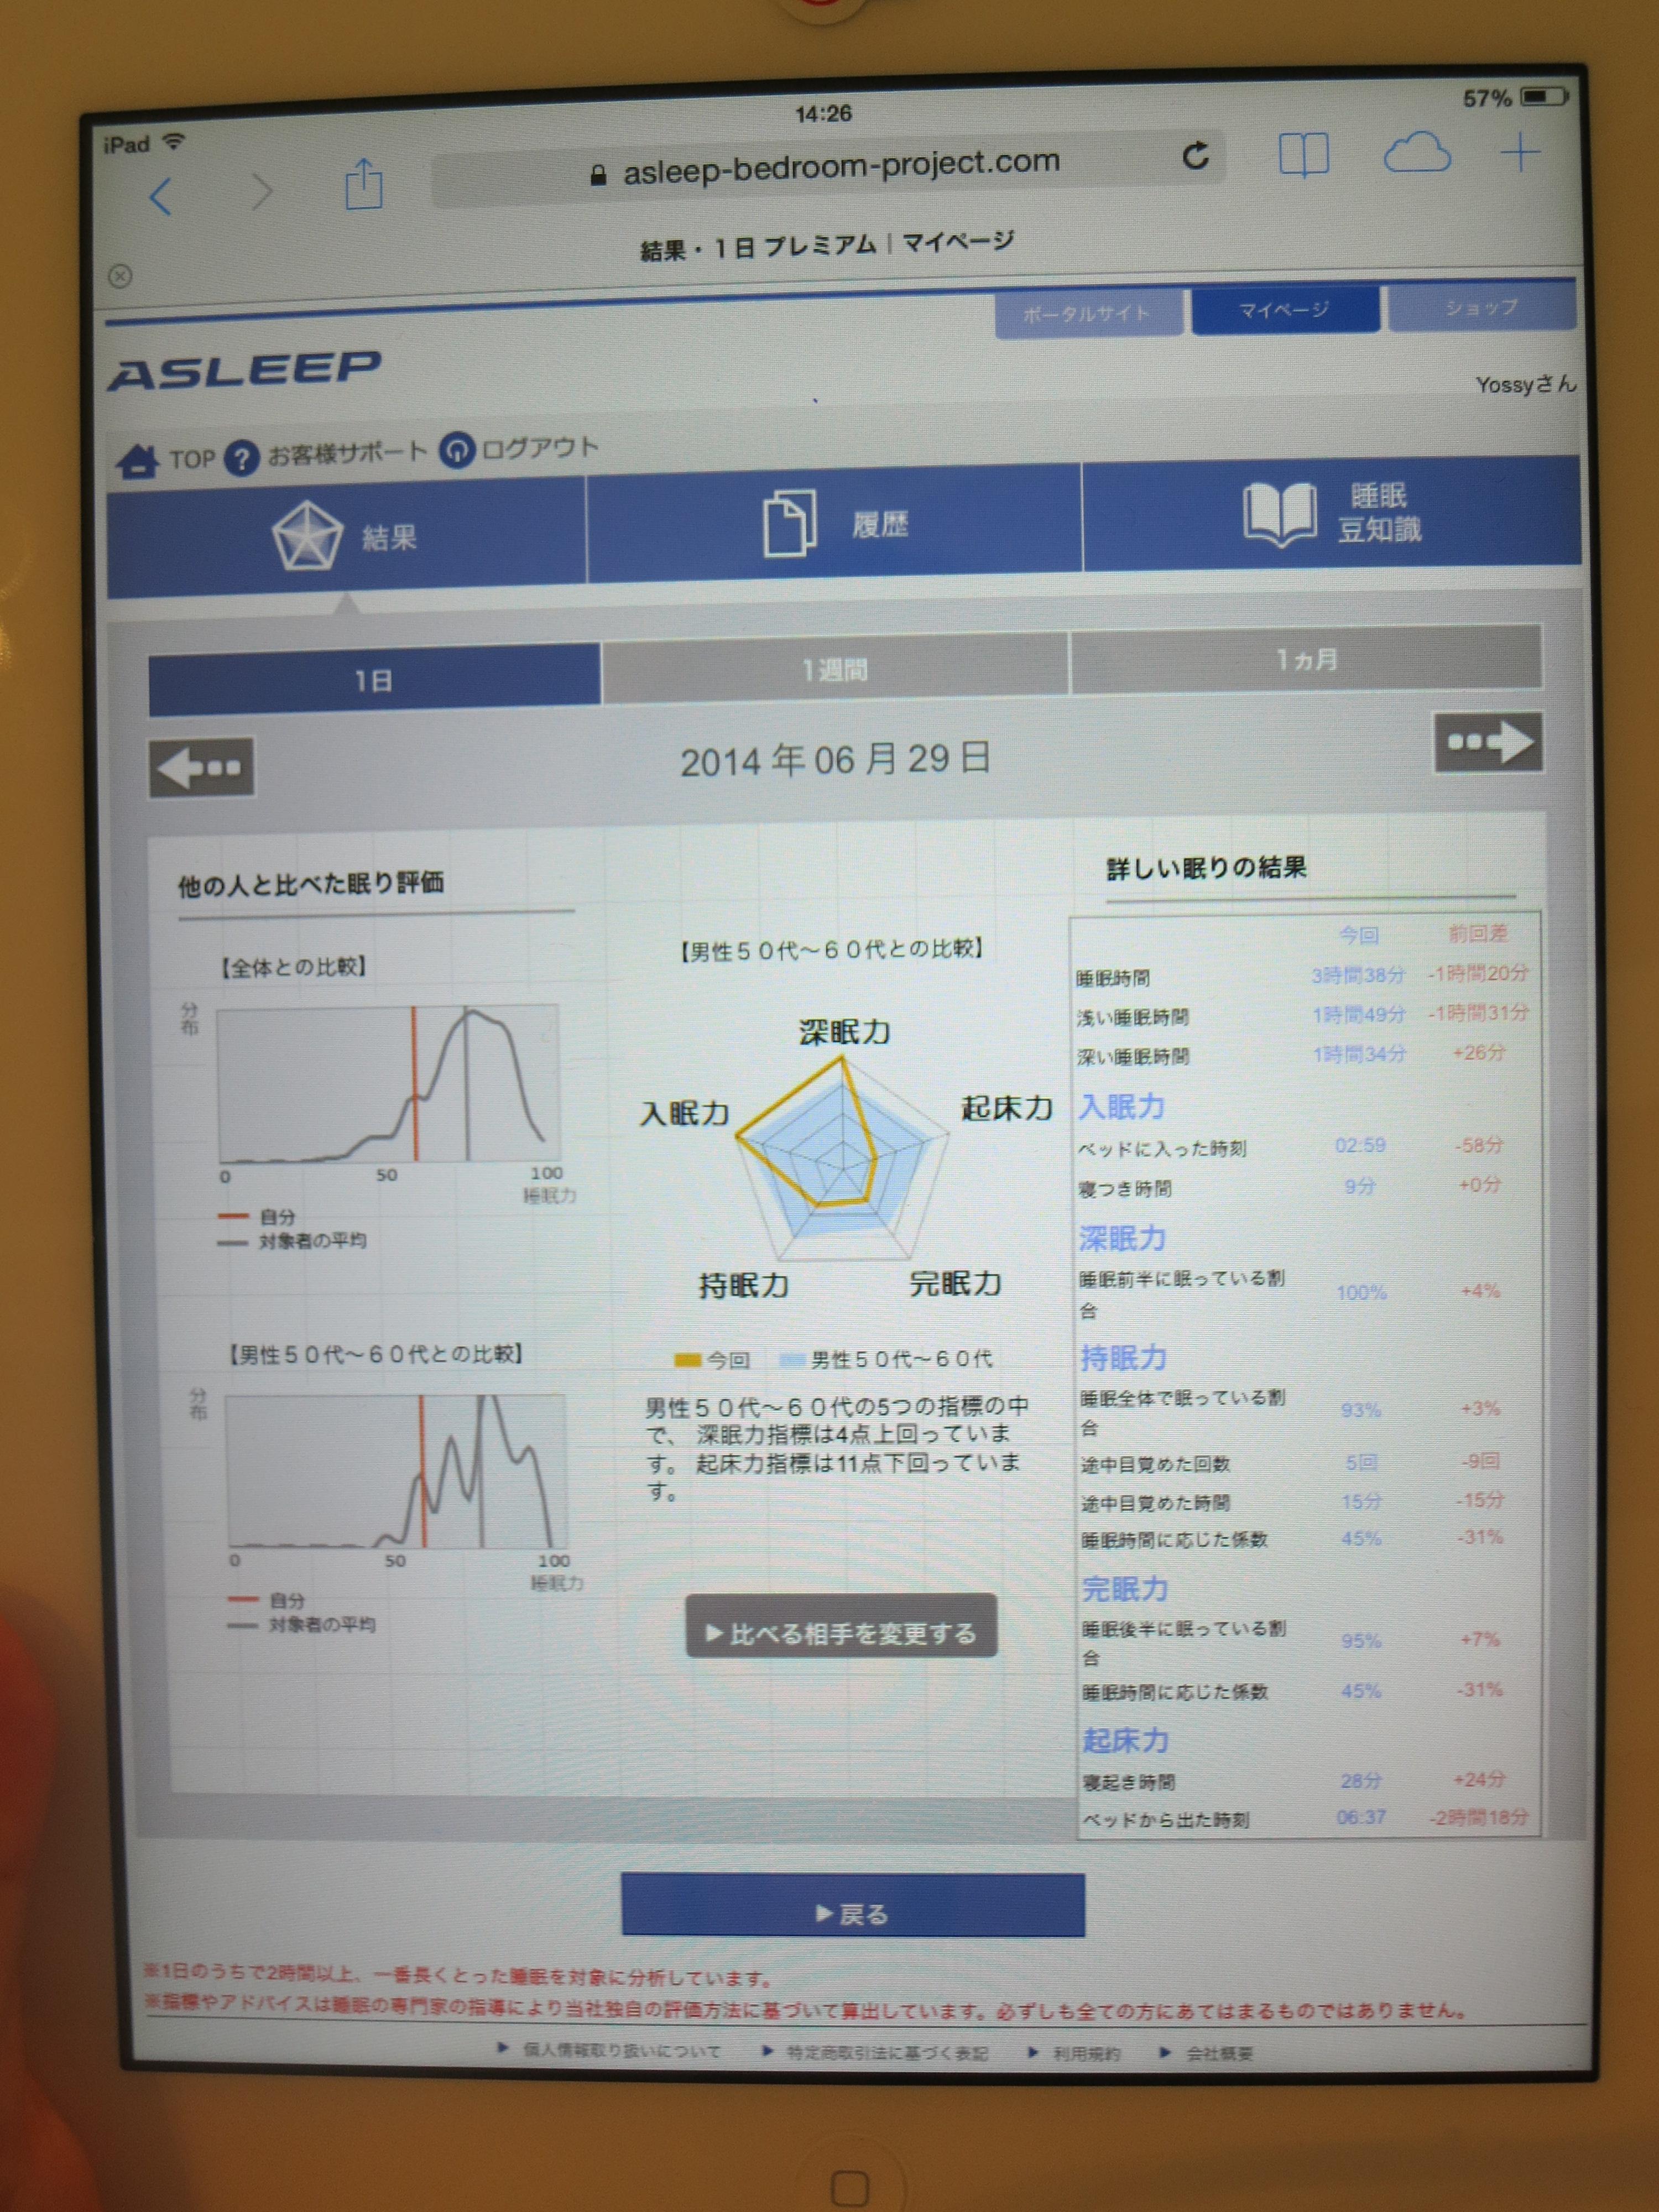 詳しい測定結果や過去の測定記録もチェックできる。オンラインのマイページでチェックできるほか、無料の専用アプリもリリースする